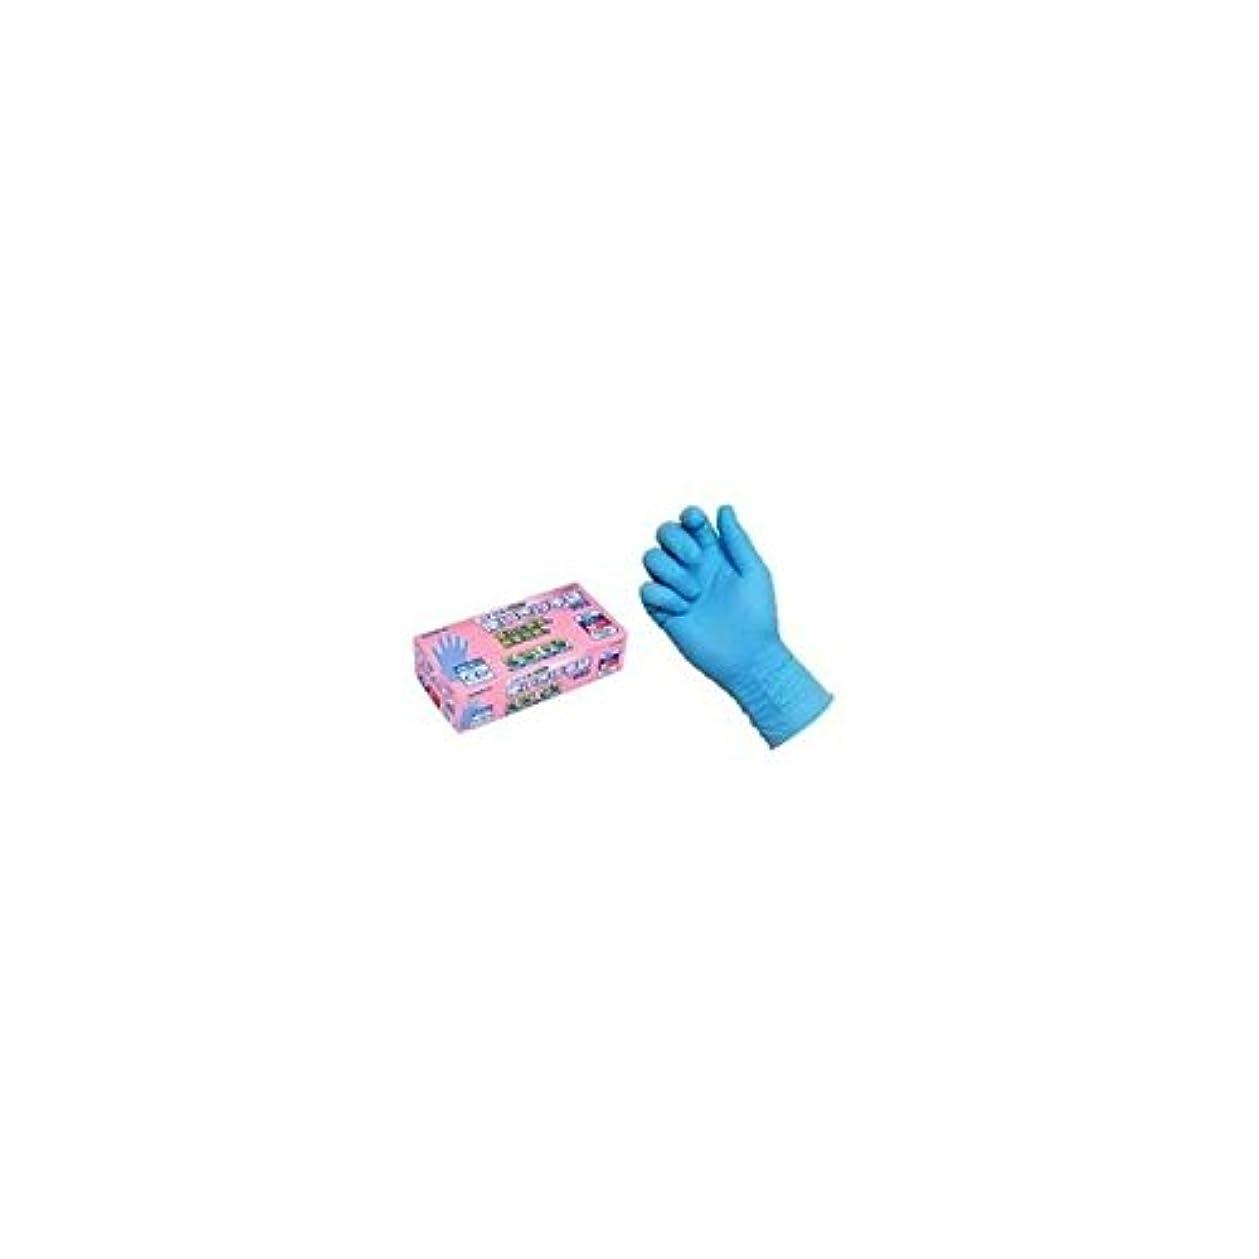 まさに不健全どれニトリル使いきり手袋 PF NO.992 M ブルー エステー 【商品CD】ST4779